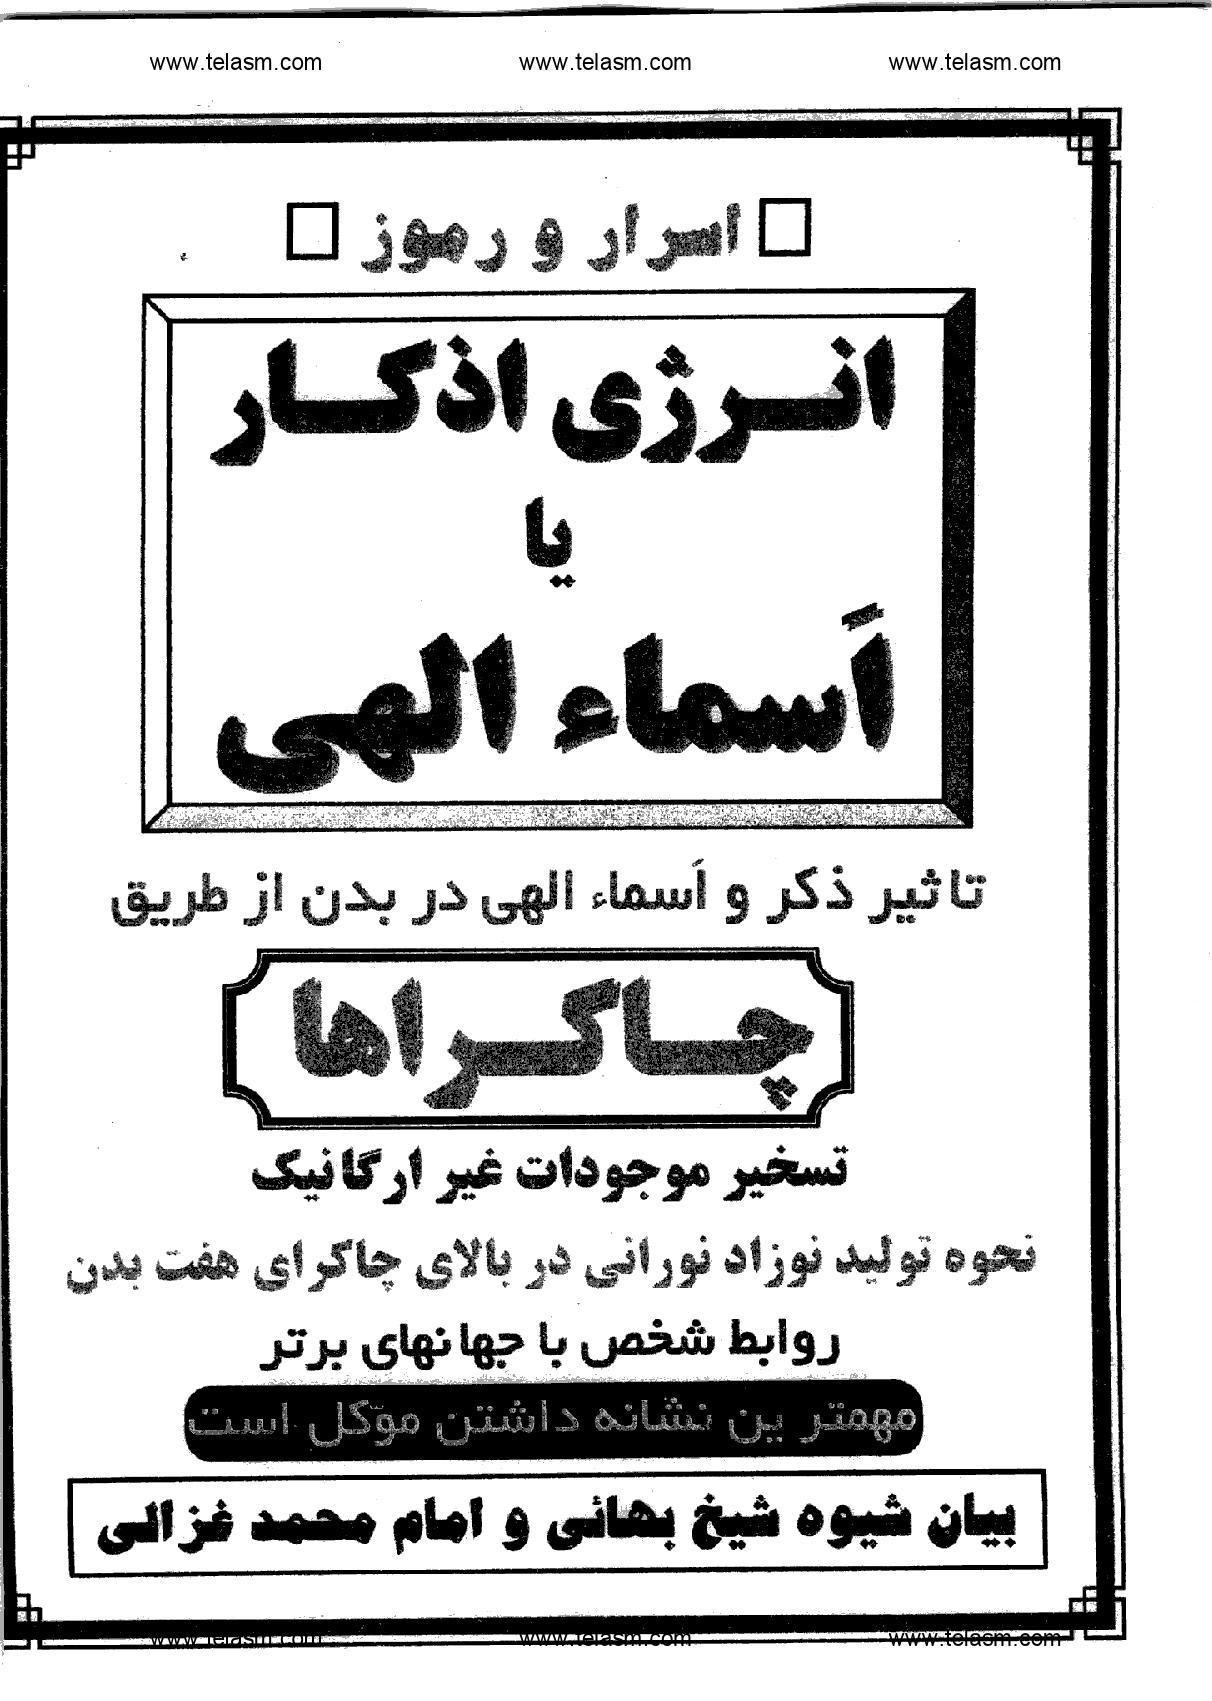 خرید کتاب انرژي اذكار و اسماء الهي